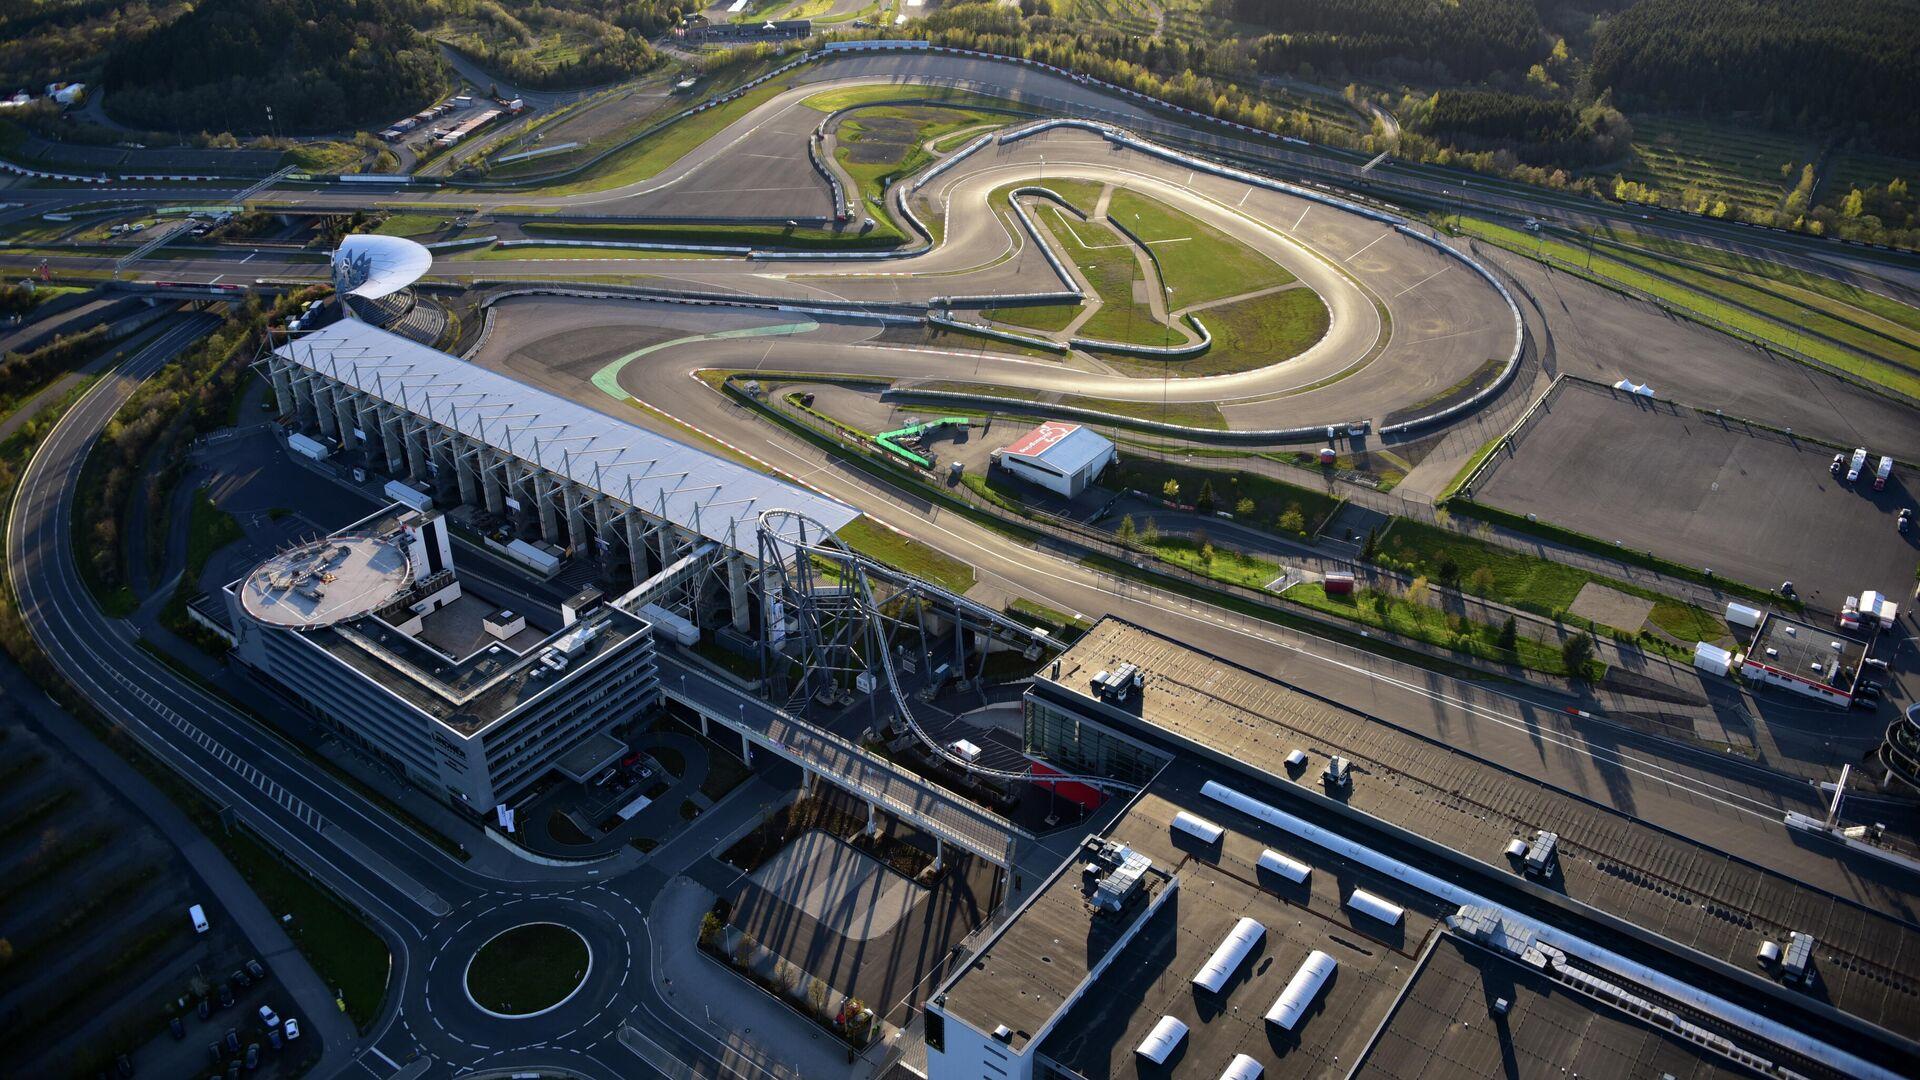 El circuito Nurburgring, foto de archivo - Sputnik Mundo, 1920, 22.02.2021